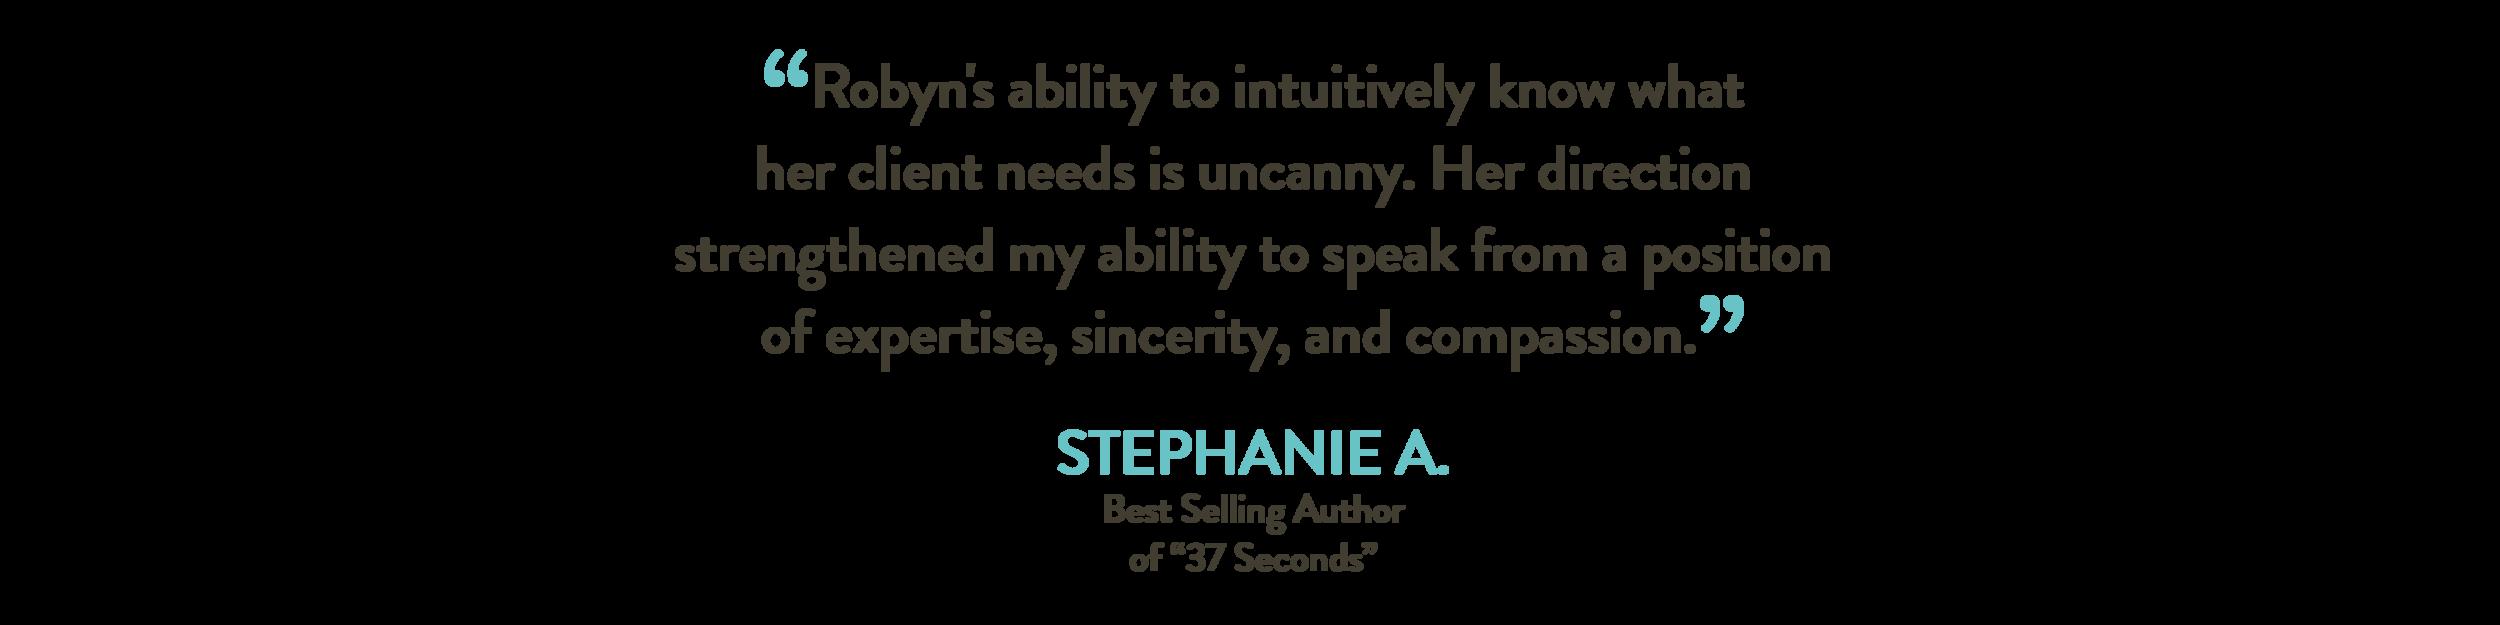 6_RLS_Testimonials_Coach_Stephanie A.png